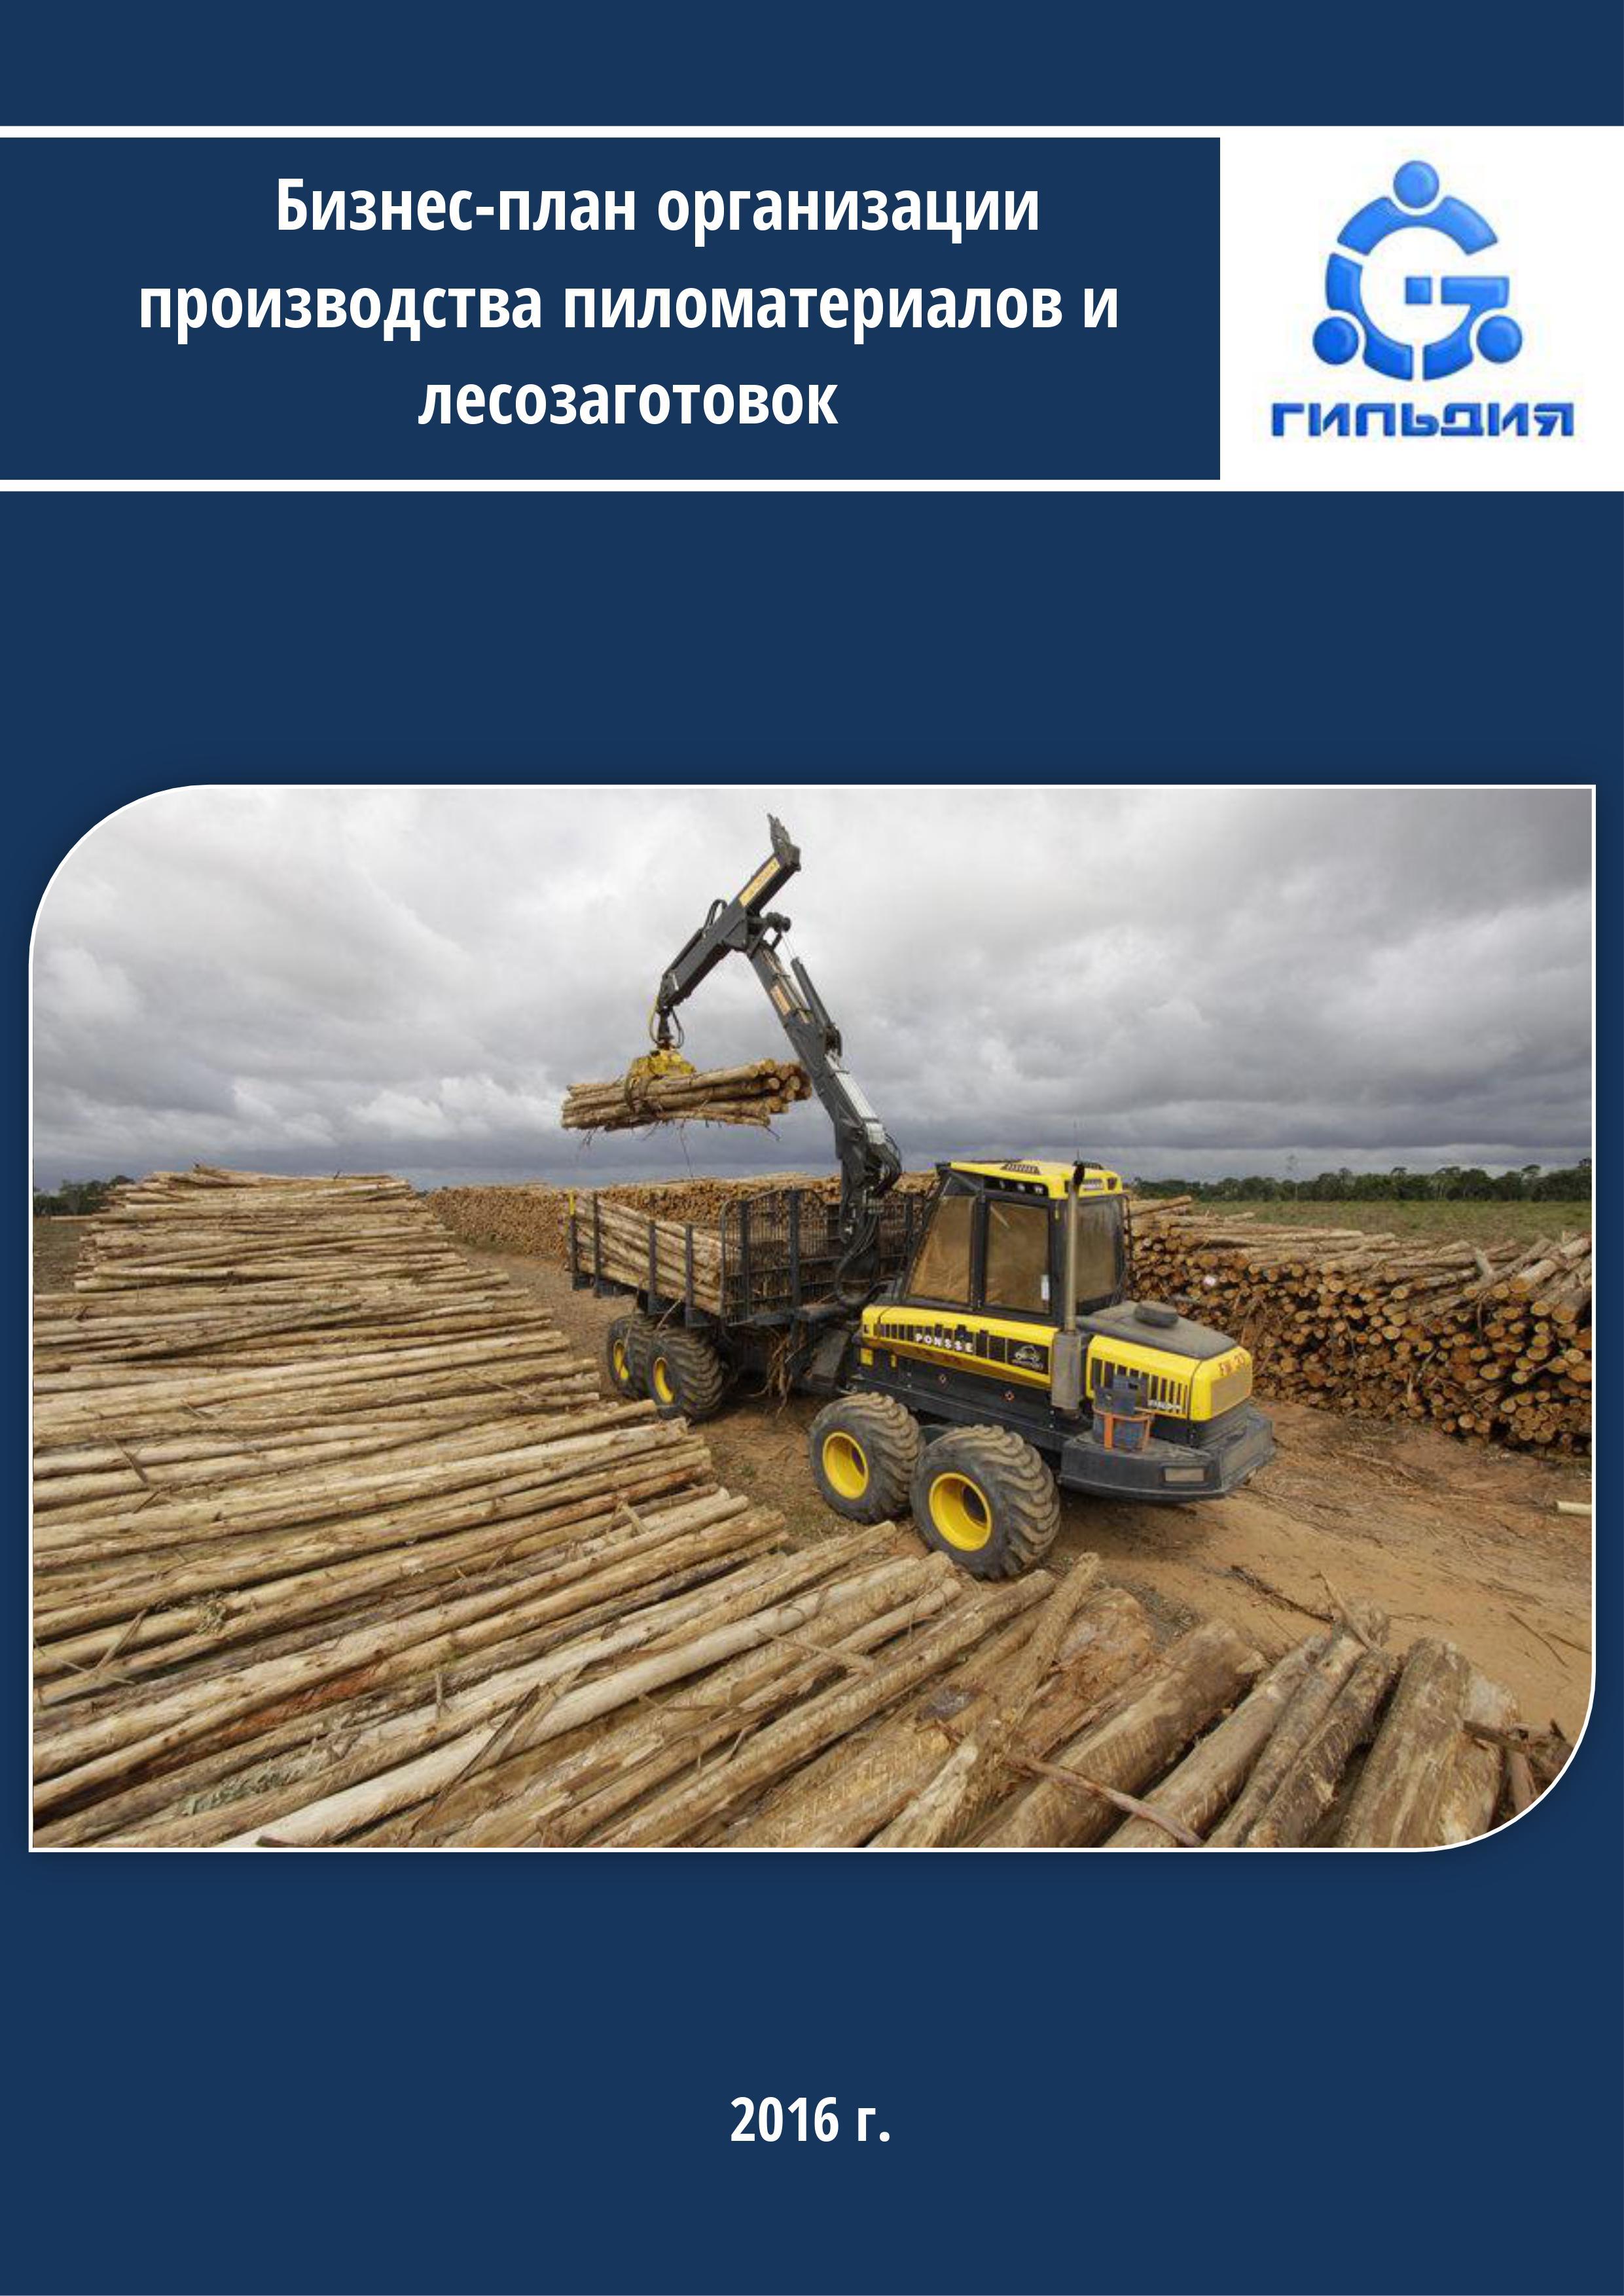 Бизнес плана лесозаготовка анализ финансового бизнес плана